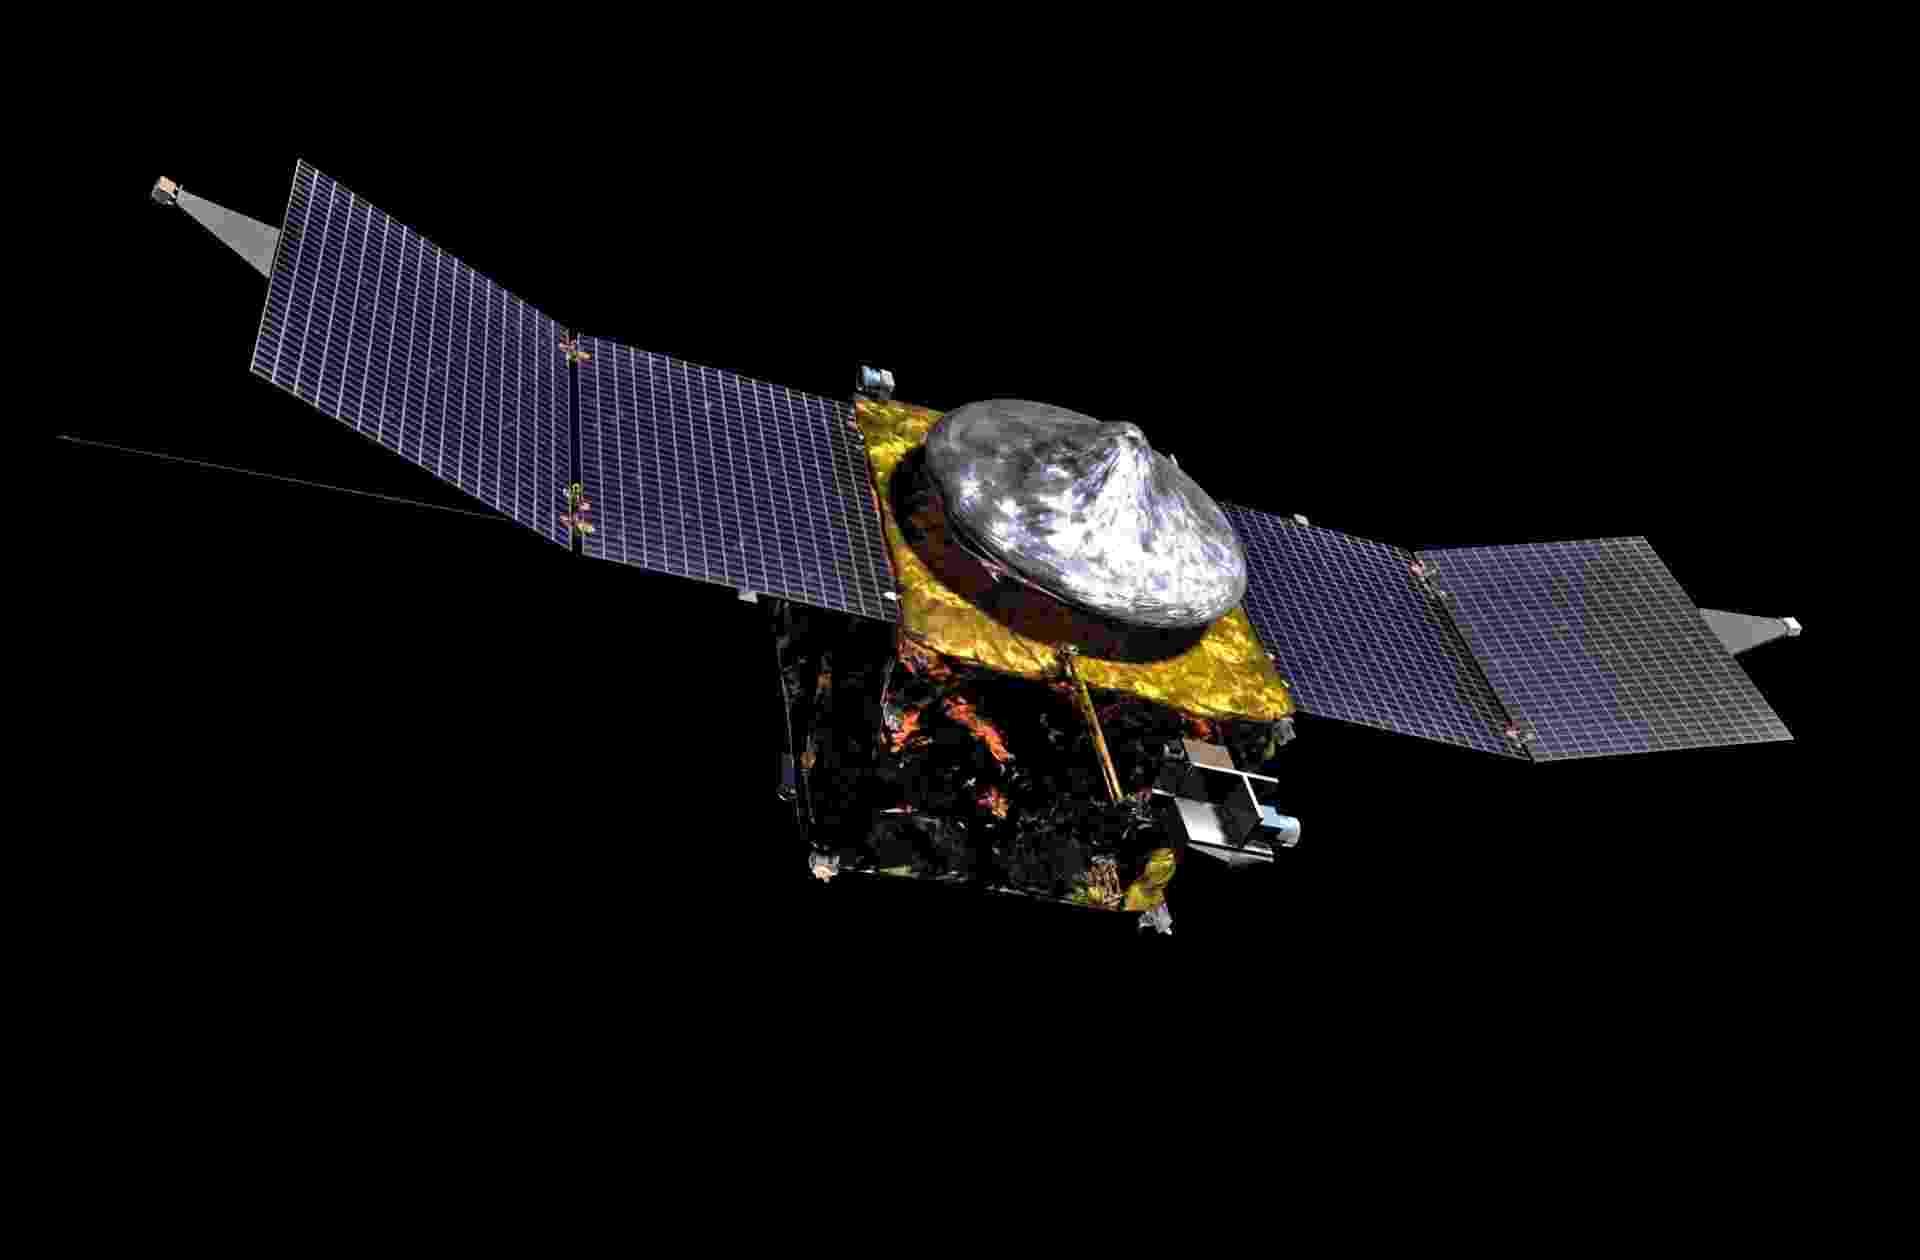 5.out.2013 - Os instrumentos da sonda Maven estão desenhados para que os cientistas da Nasa (Agência Espacial Norte-Americana) chequem como a atmosfera tênue de Marte, composta majoritariamente de dióxido de carbono, mudou com o tempo e afetou a capacidade do planeta vermelho em sustentar vidas. O período ideal para lançamento termina no dia 17 de dezembro de 2014, caso contrário, só em 2016, quando a Terra e Marte voltarão a se alinhar de maneira apropriada - se lançada na data prevista, Maven chegará à órbita de Marte em setembro de 2014 - Lockheed Martin